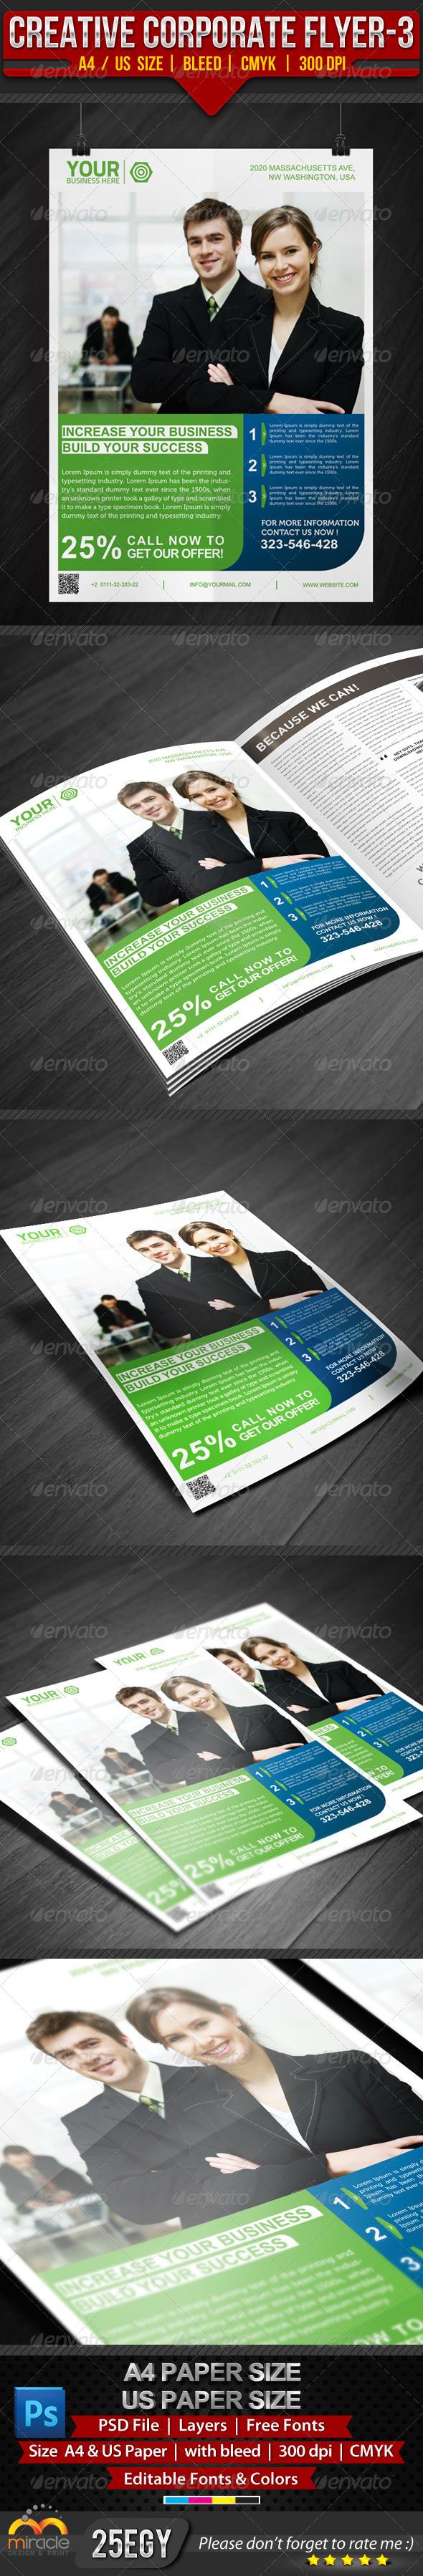 GraphicRiver Creative Corporate Flyer 3 4903877